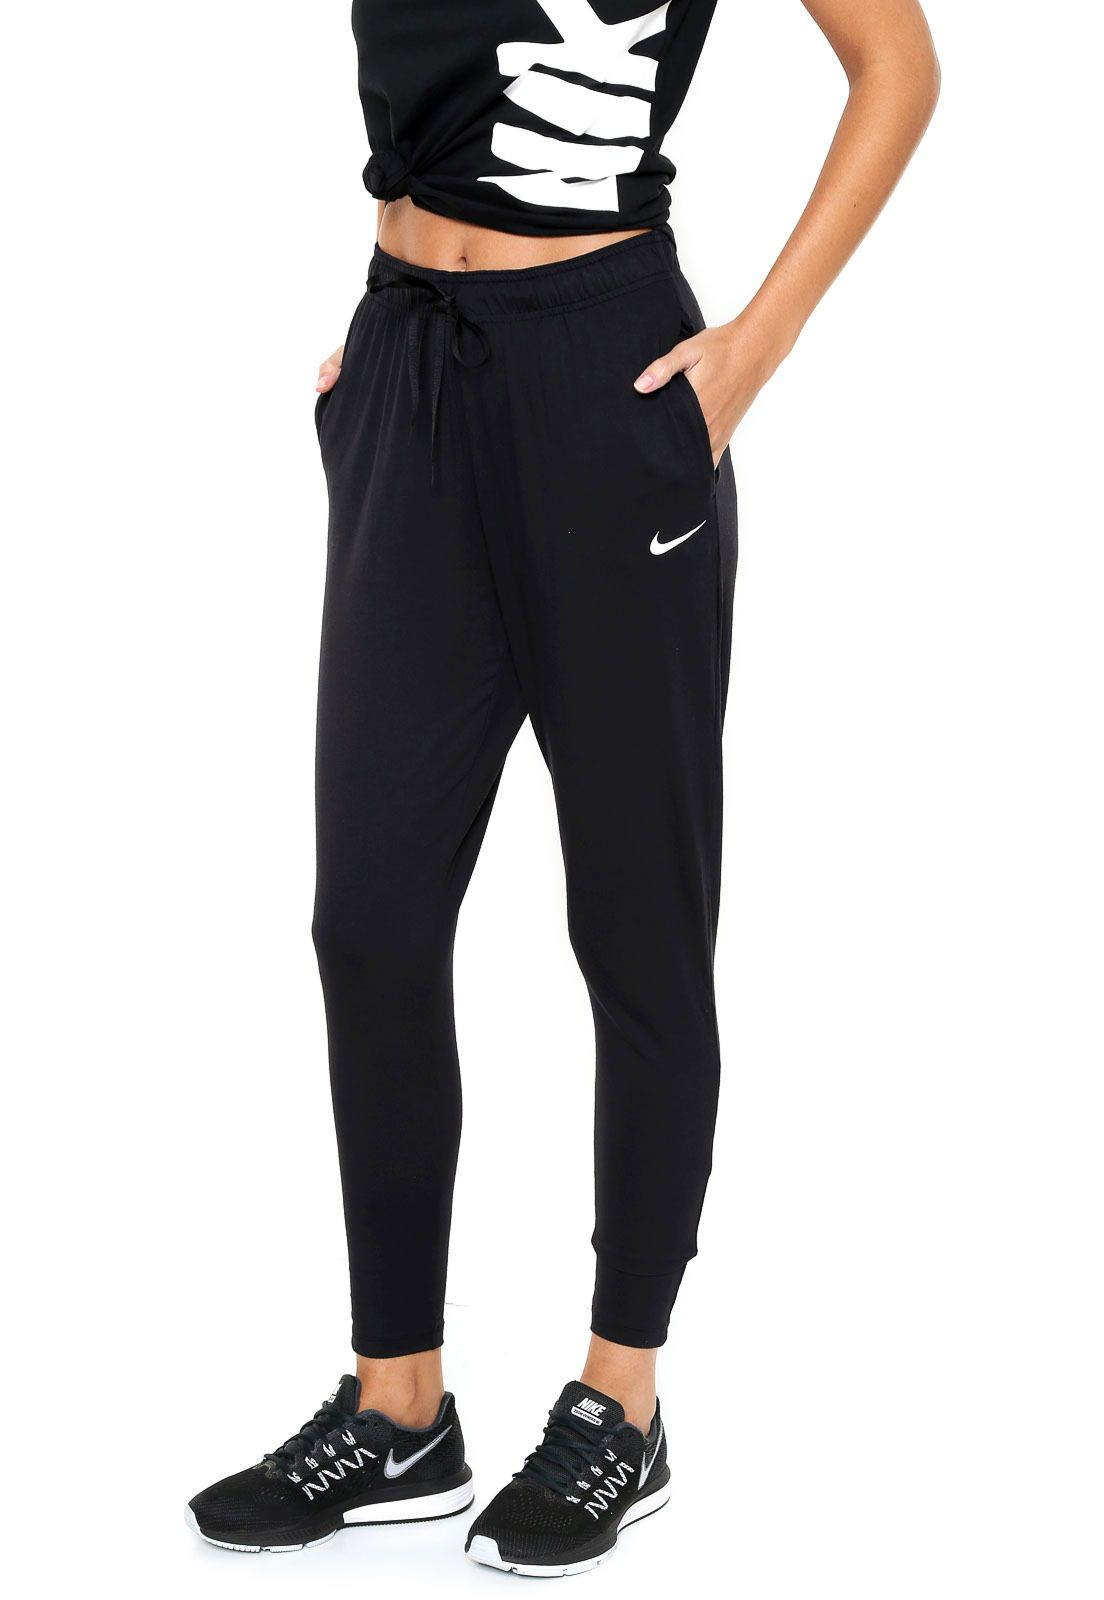 Calça Nike Jogger Flow Victory Preta | Calças nike, Calça